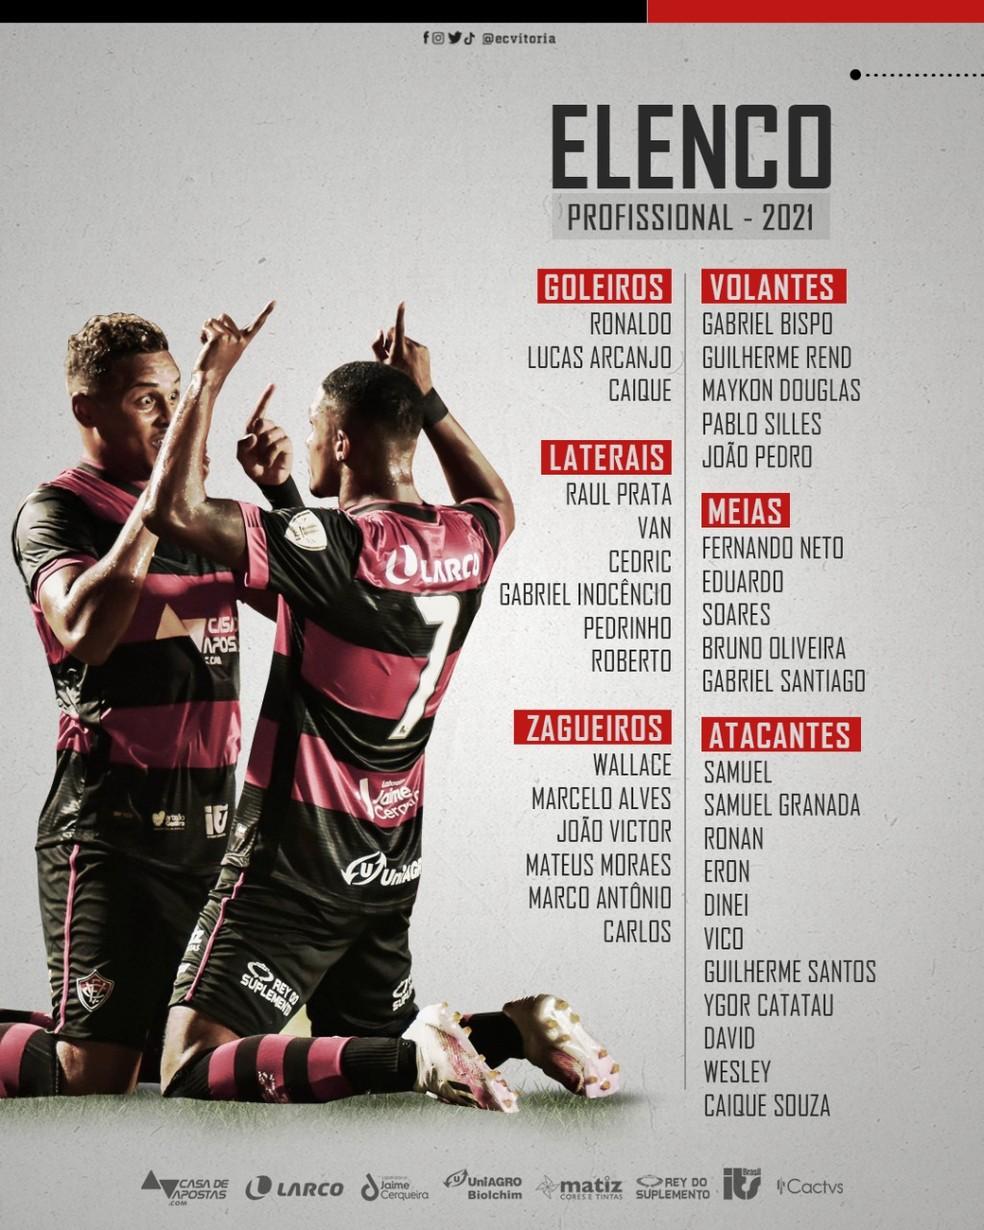 Vitória divulgou em junho o elenco profissional para 2021 — Foto: Divulgação/EC Vitória